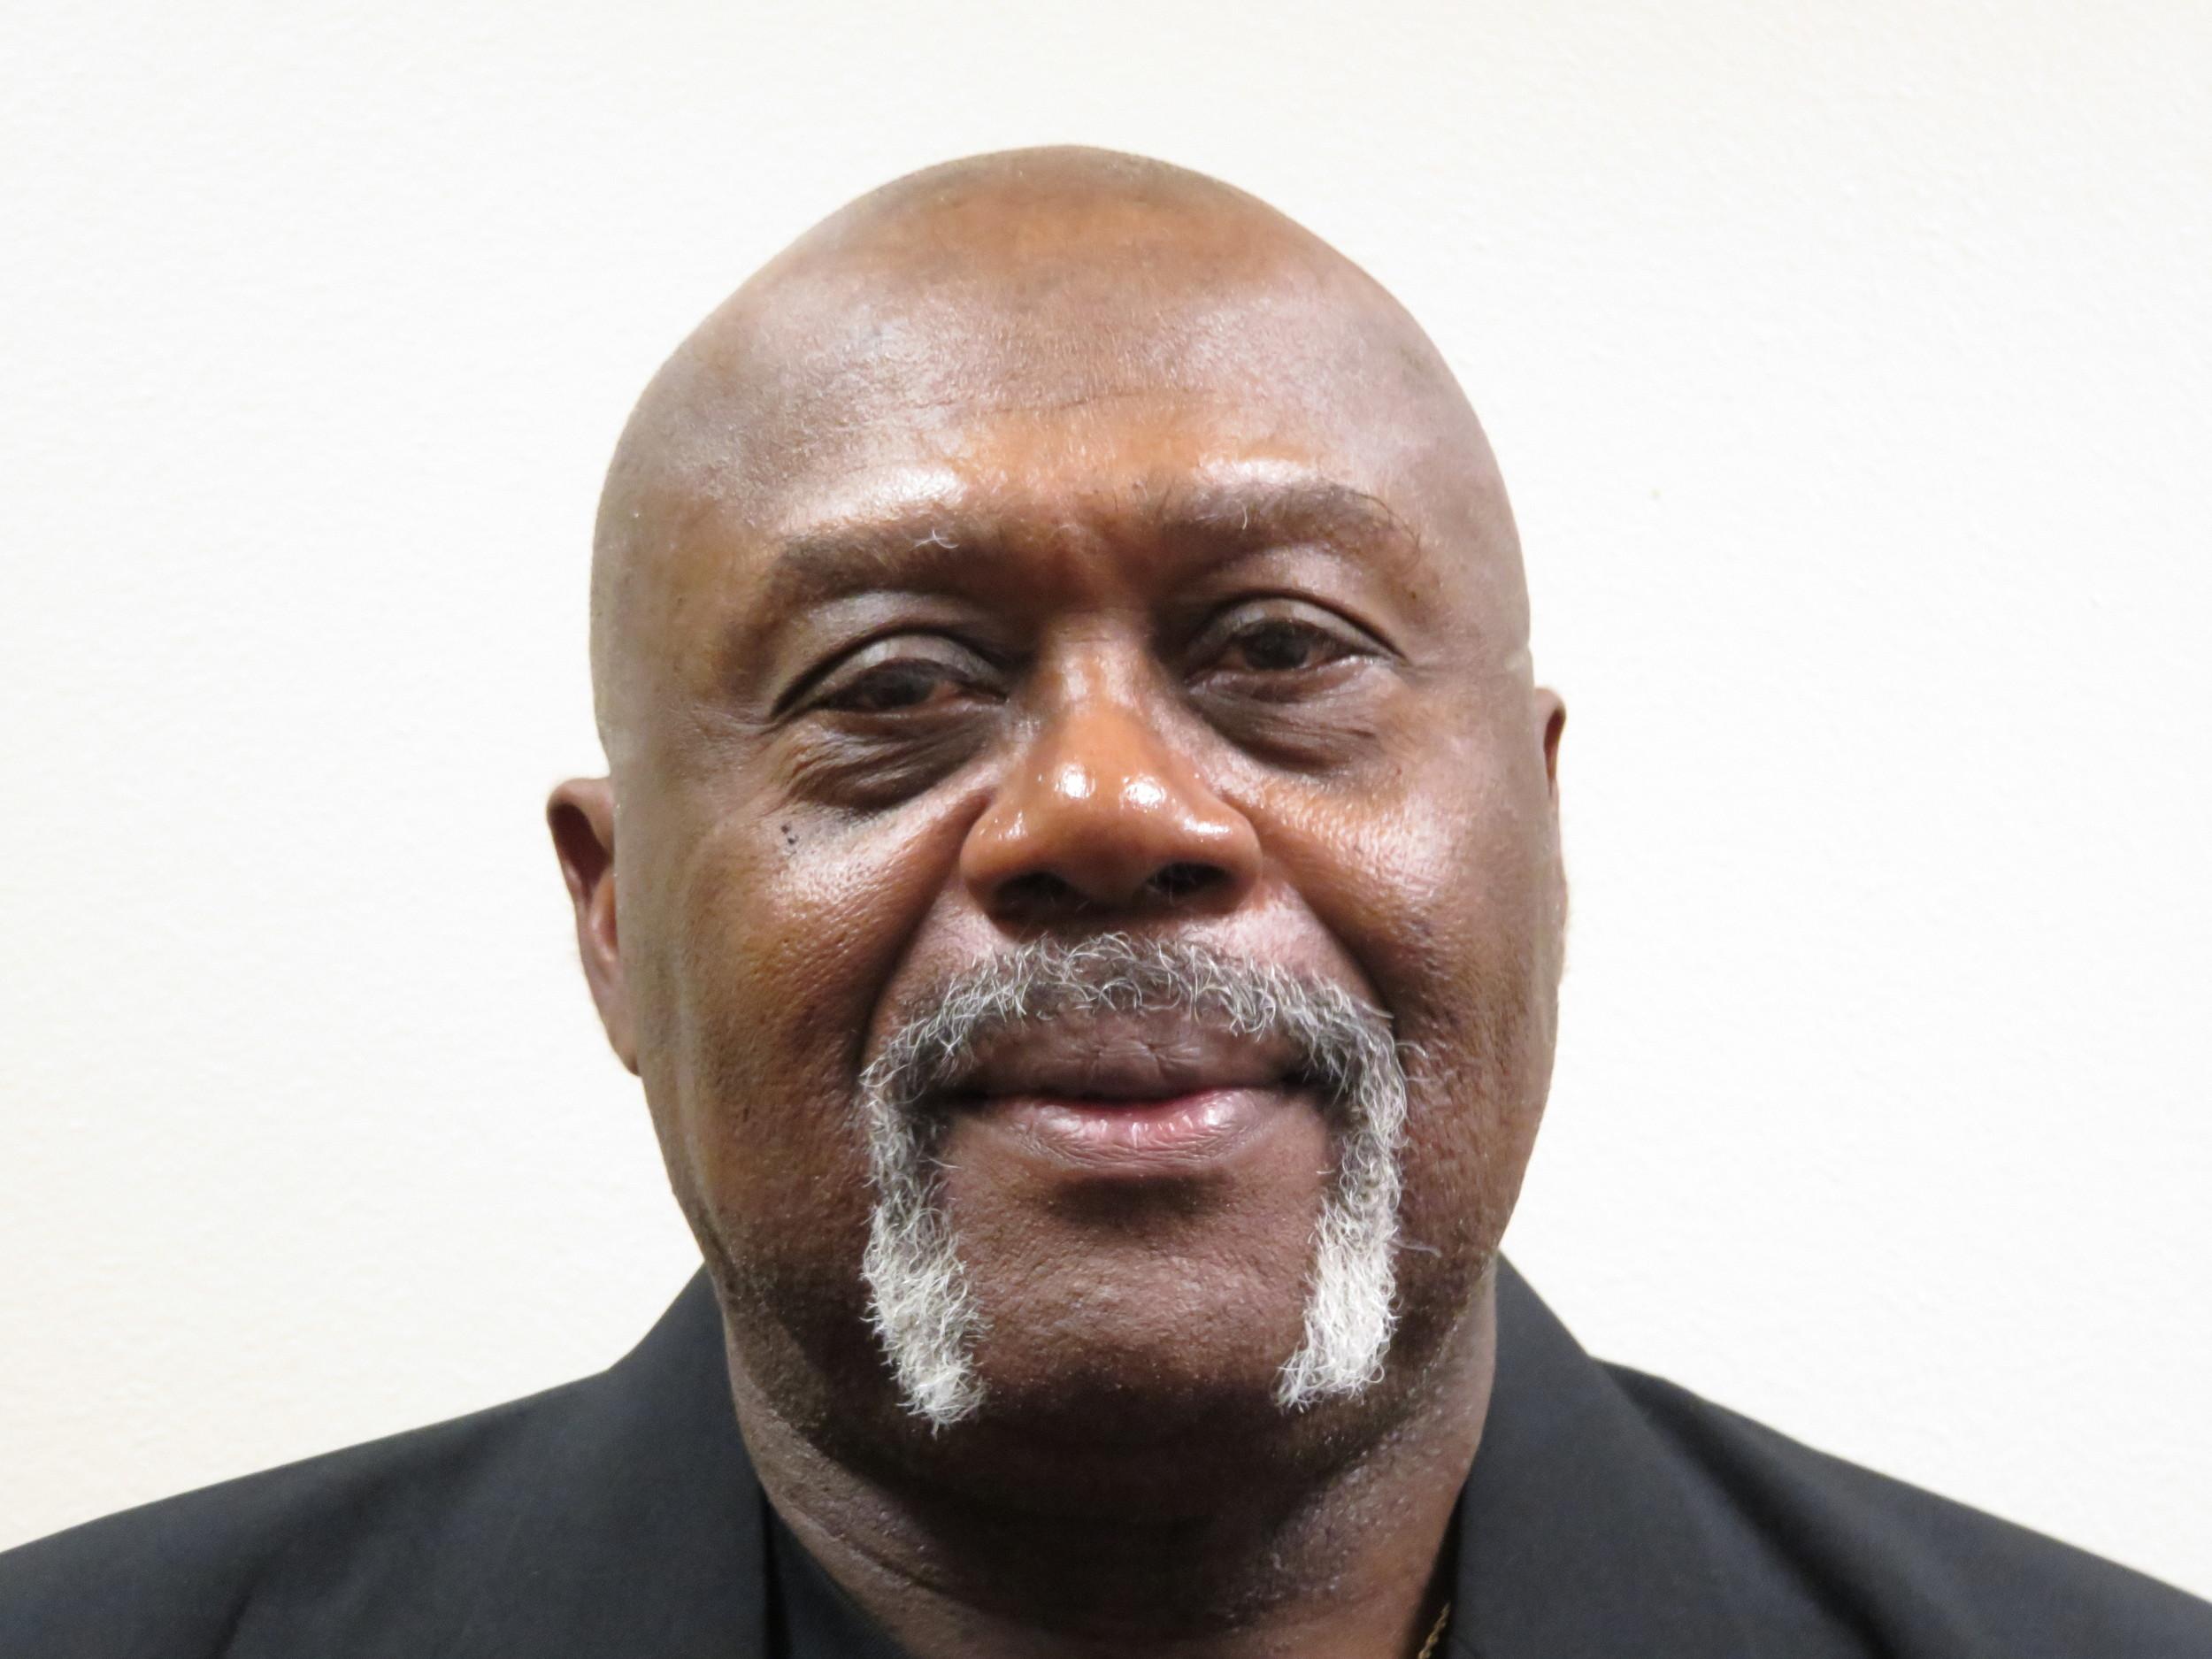 Umpire - Darryl Vondell Brown, Sr